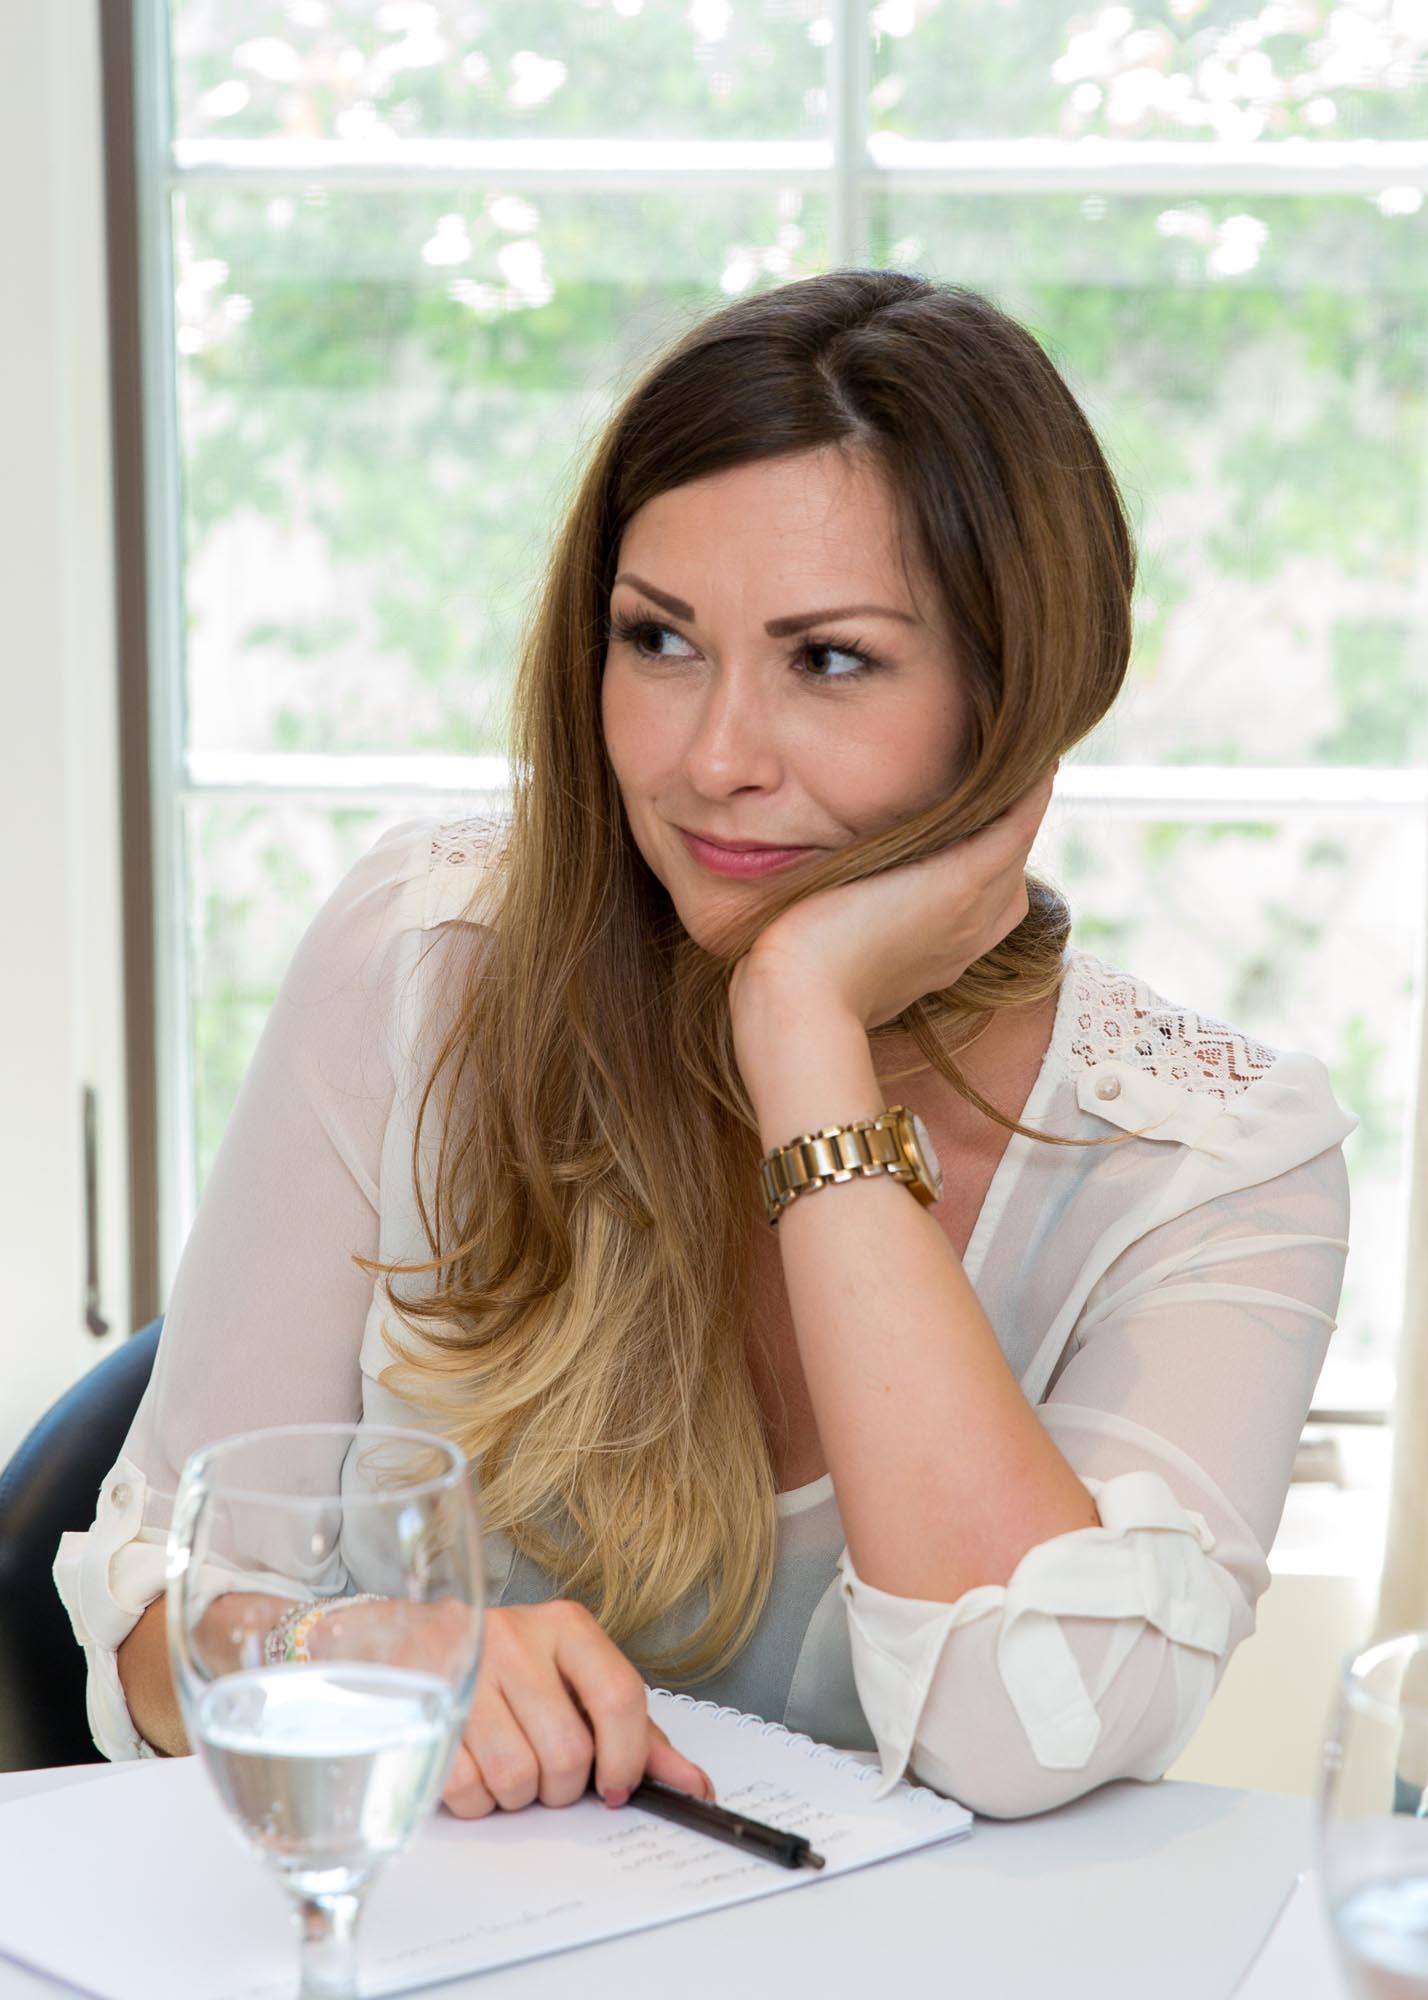 Branding workshops for female entrepreneurs